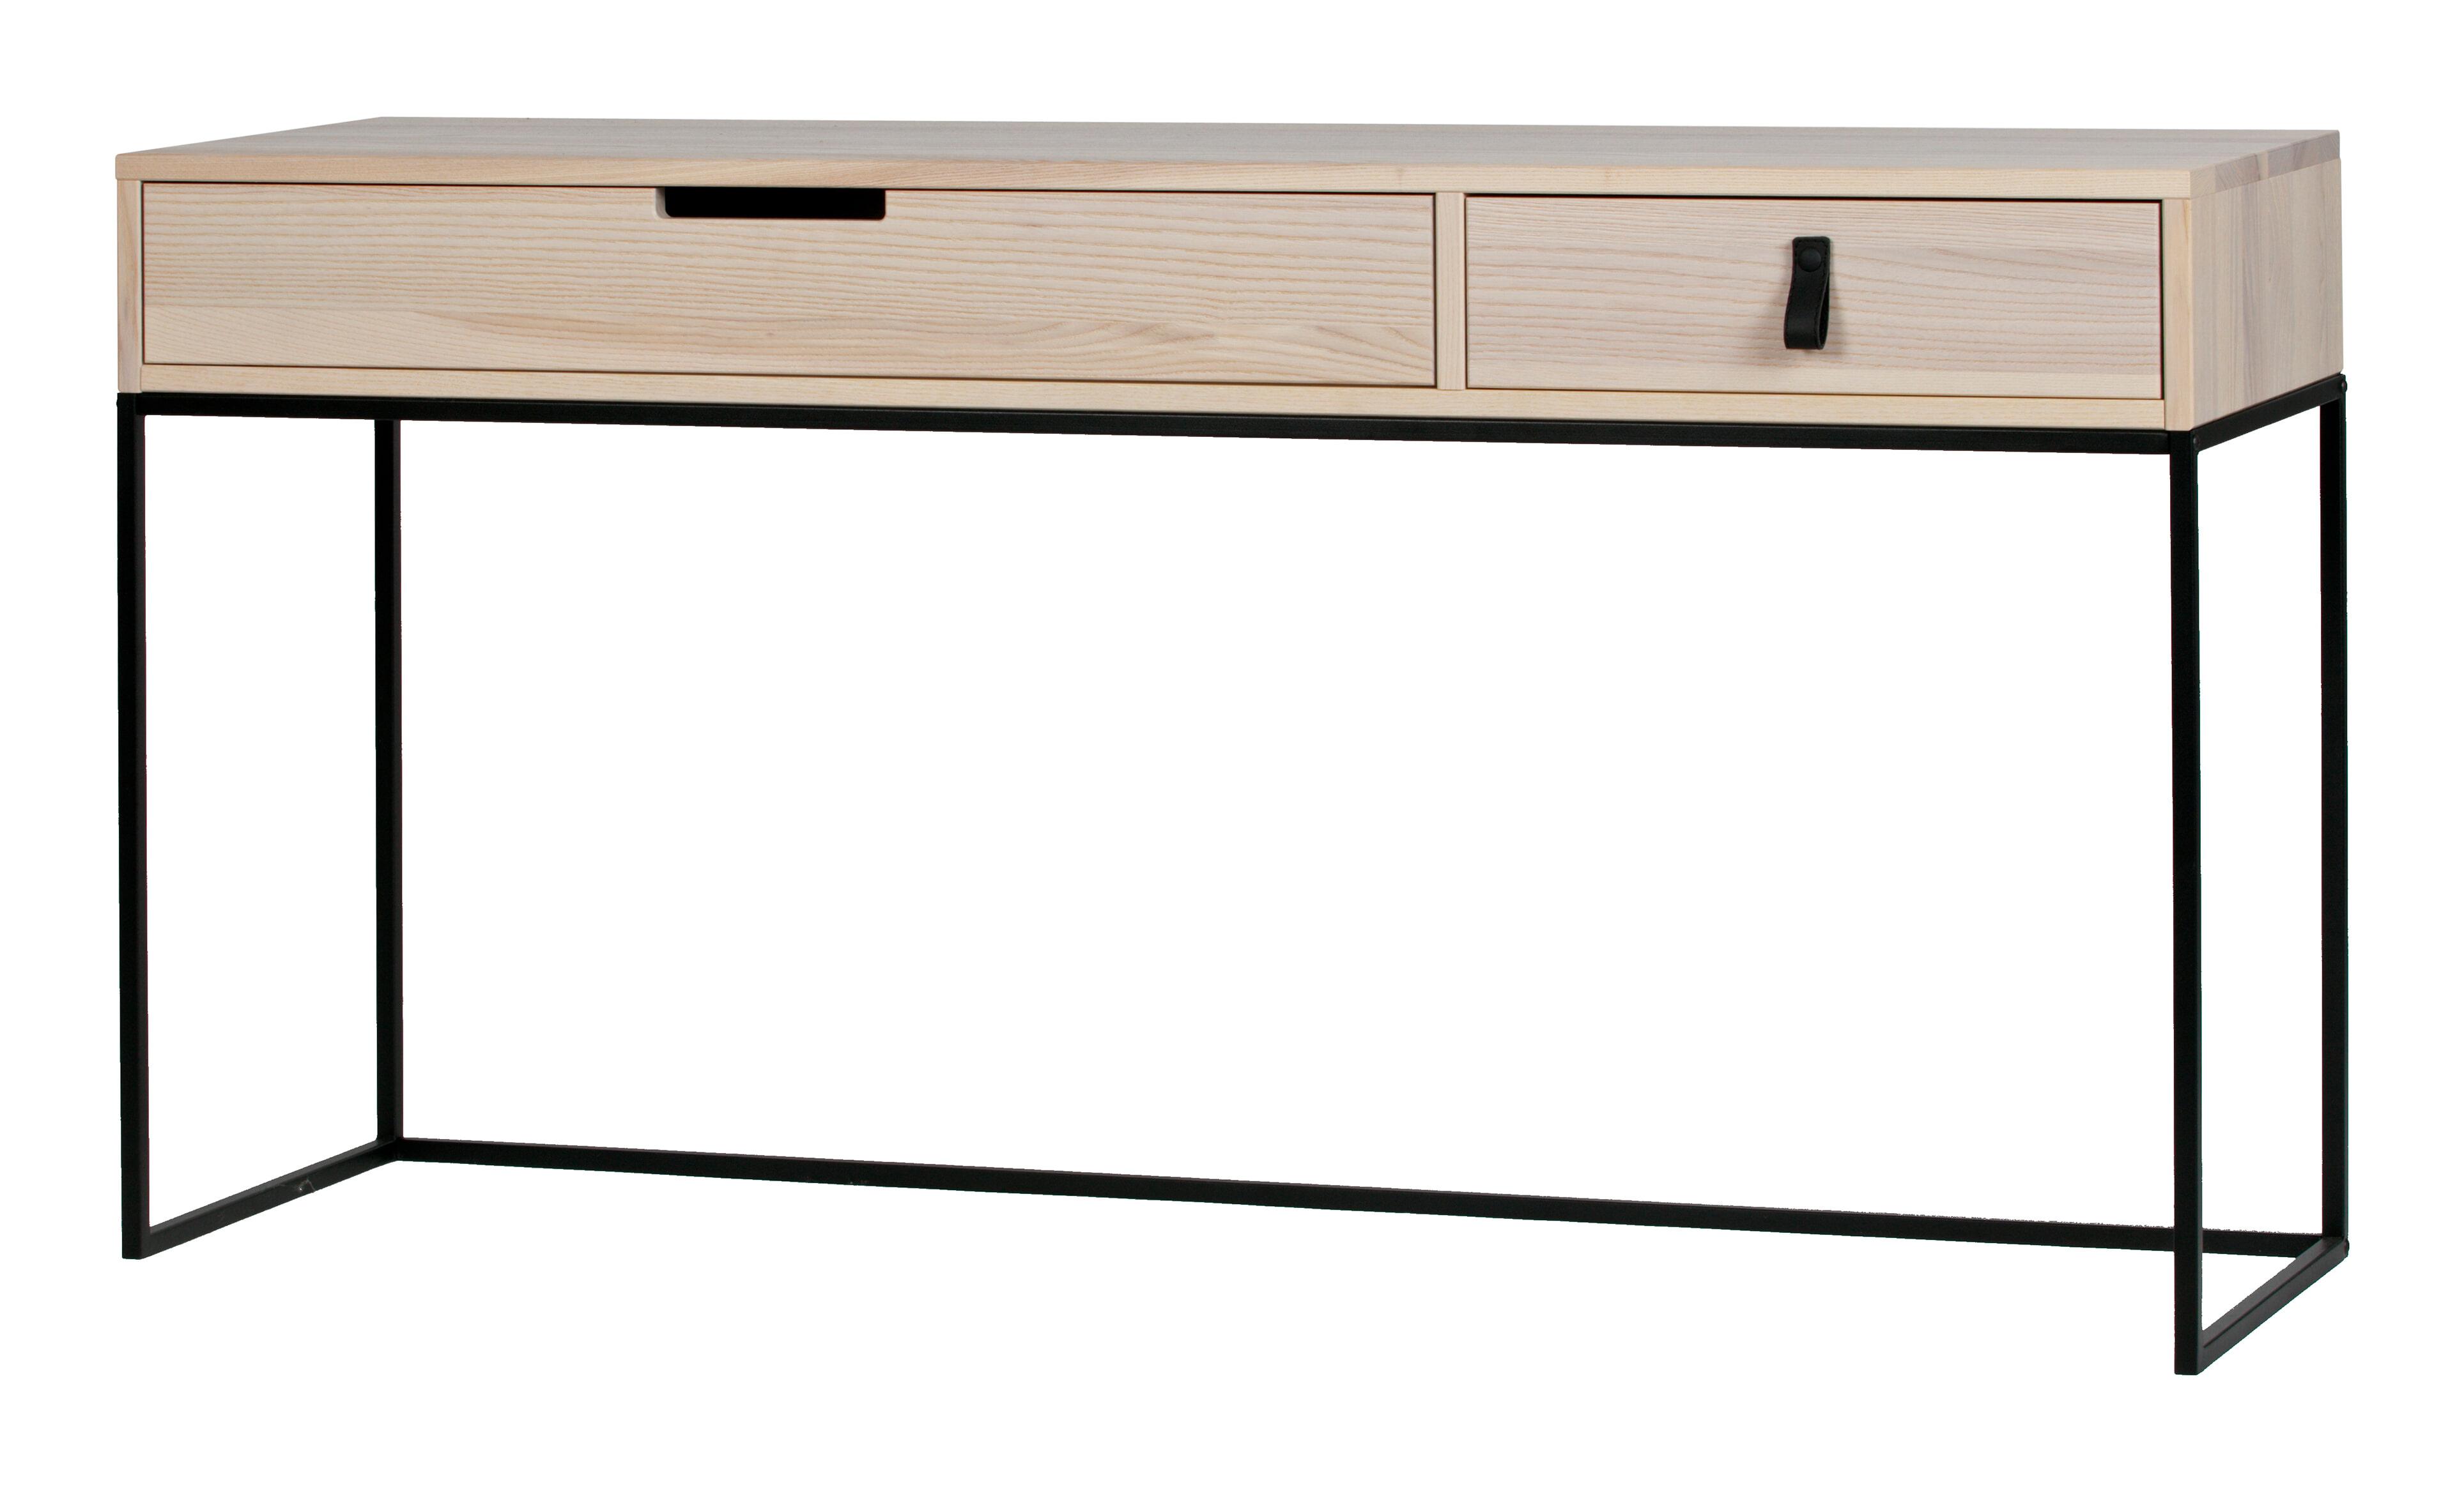 Side Table Kopen.Woood Side Table Silas 140cm Kleur Naturel Tafels